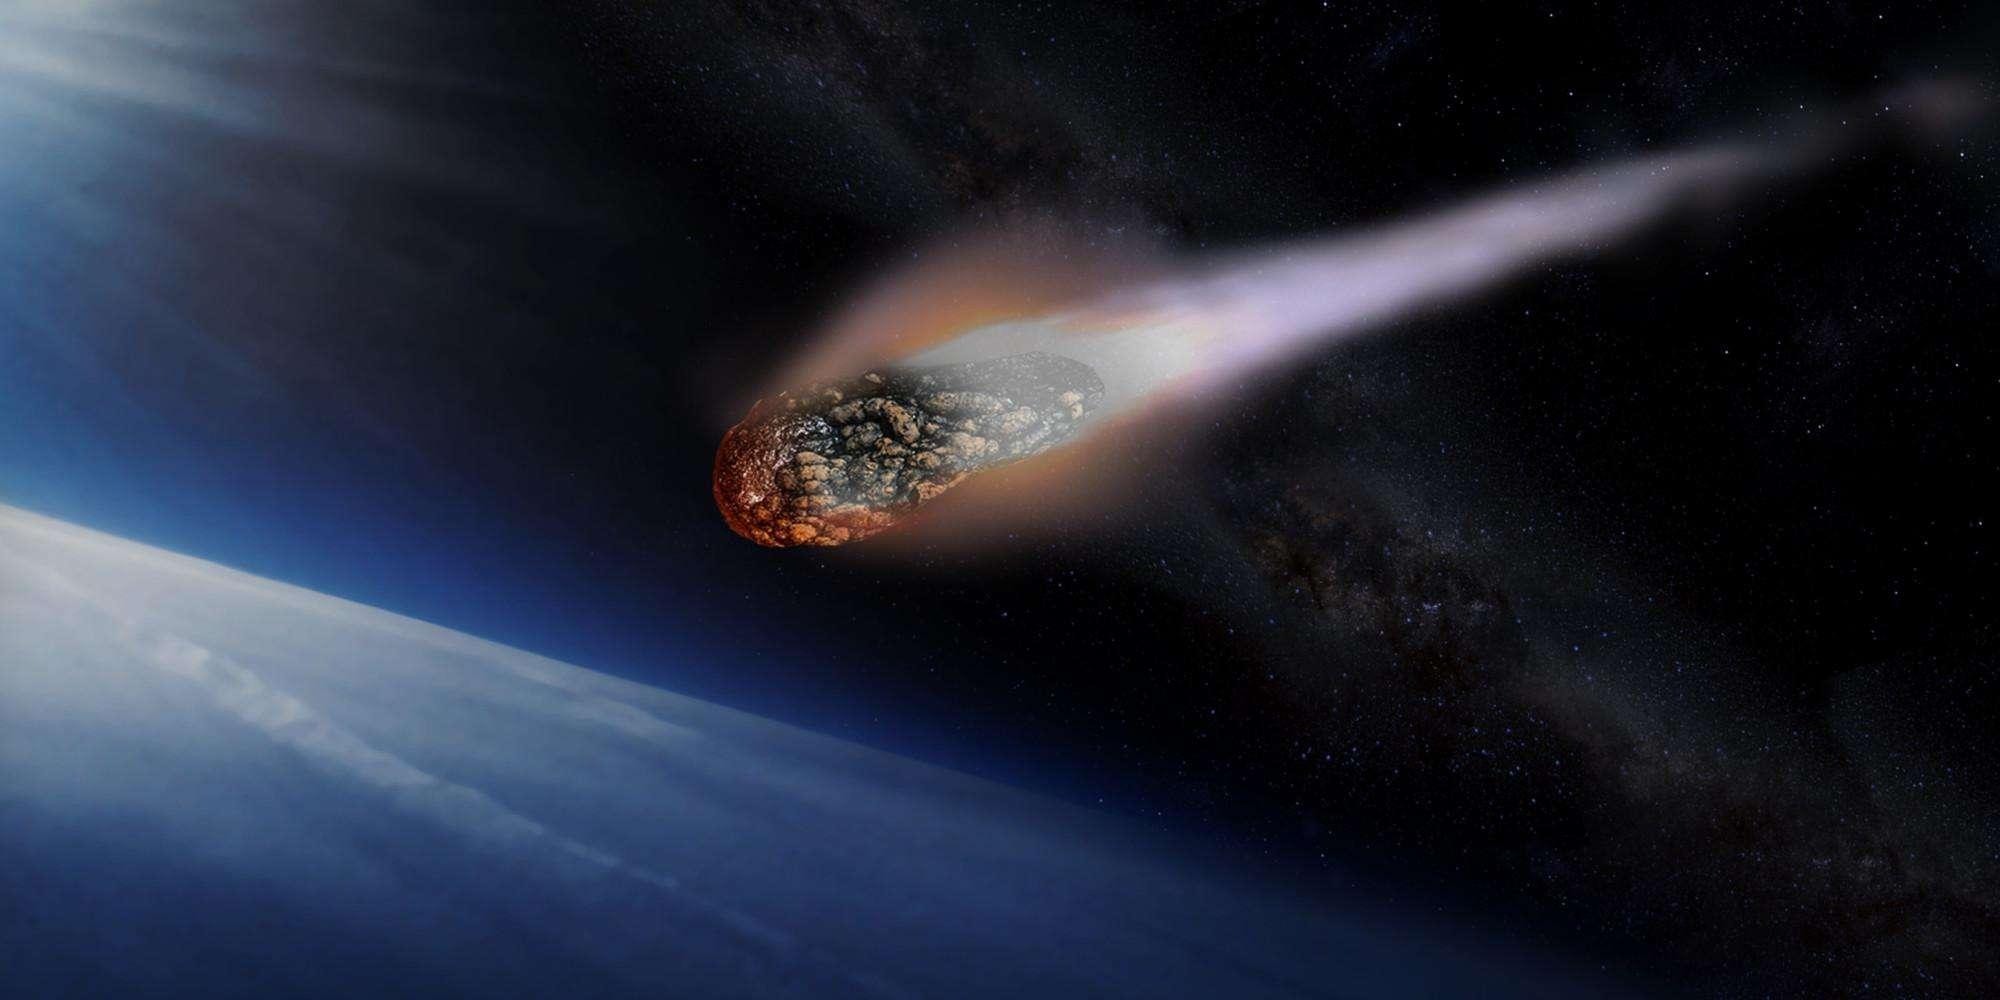 Une météorite expolse dans le ciel du sud de l'Argentine